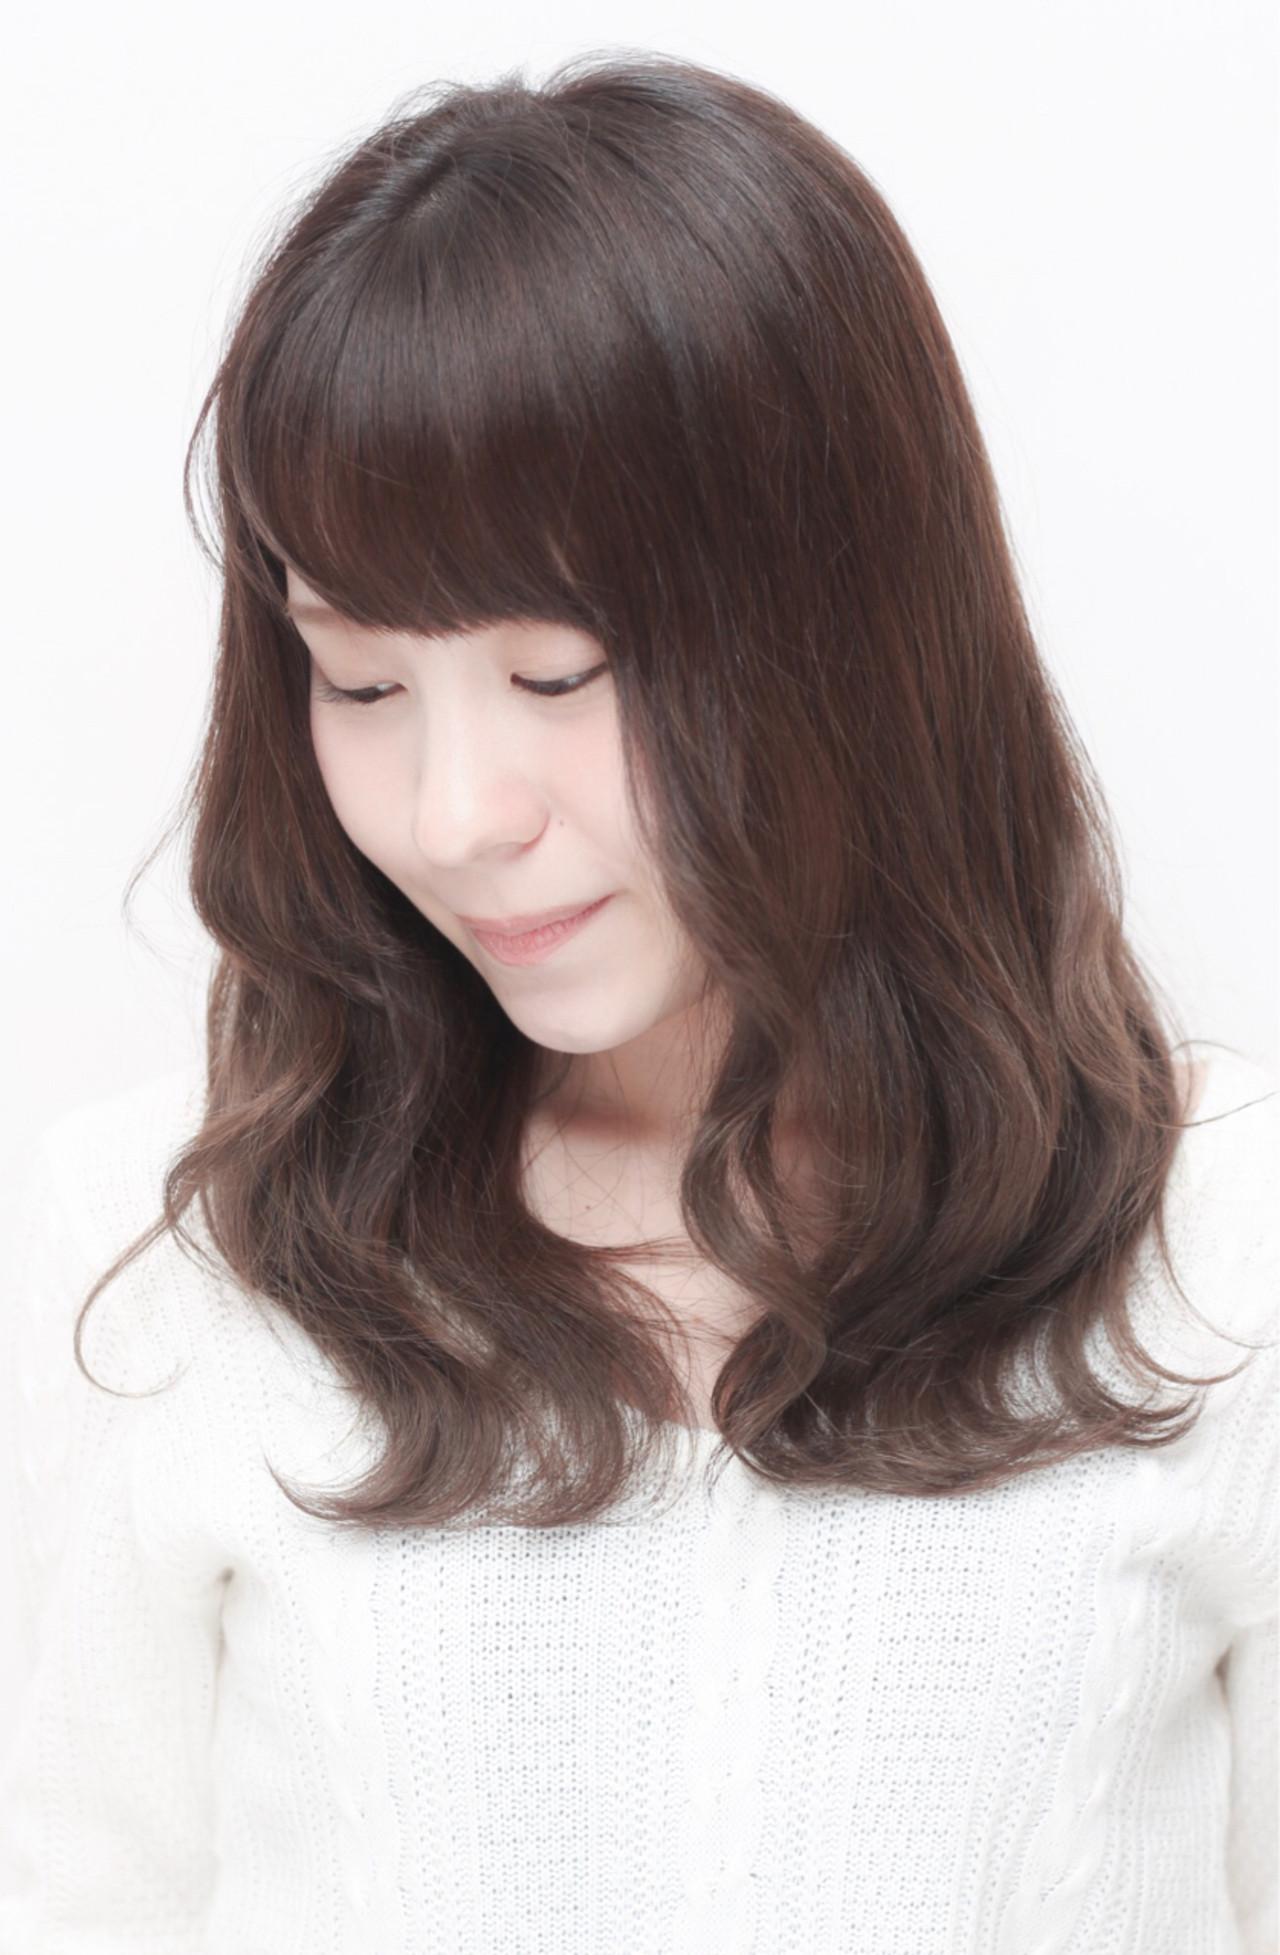 暗髪 大人かわいい フェミニン ナチュラル ヘアスタイルや髪型の写真・画像